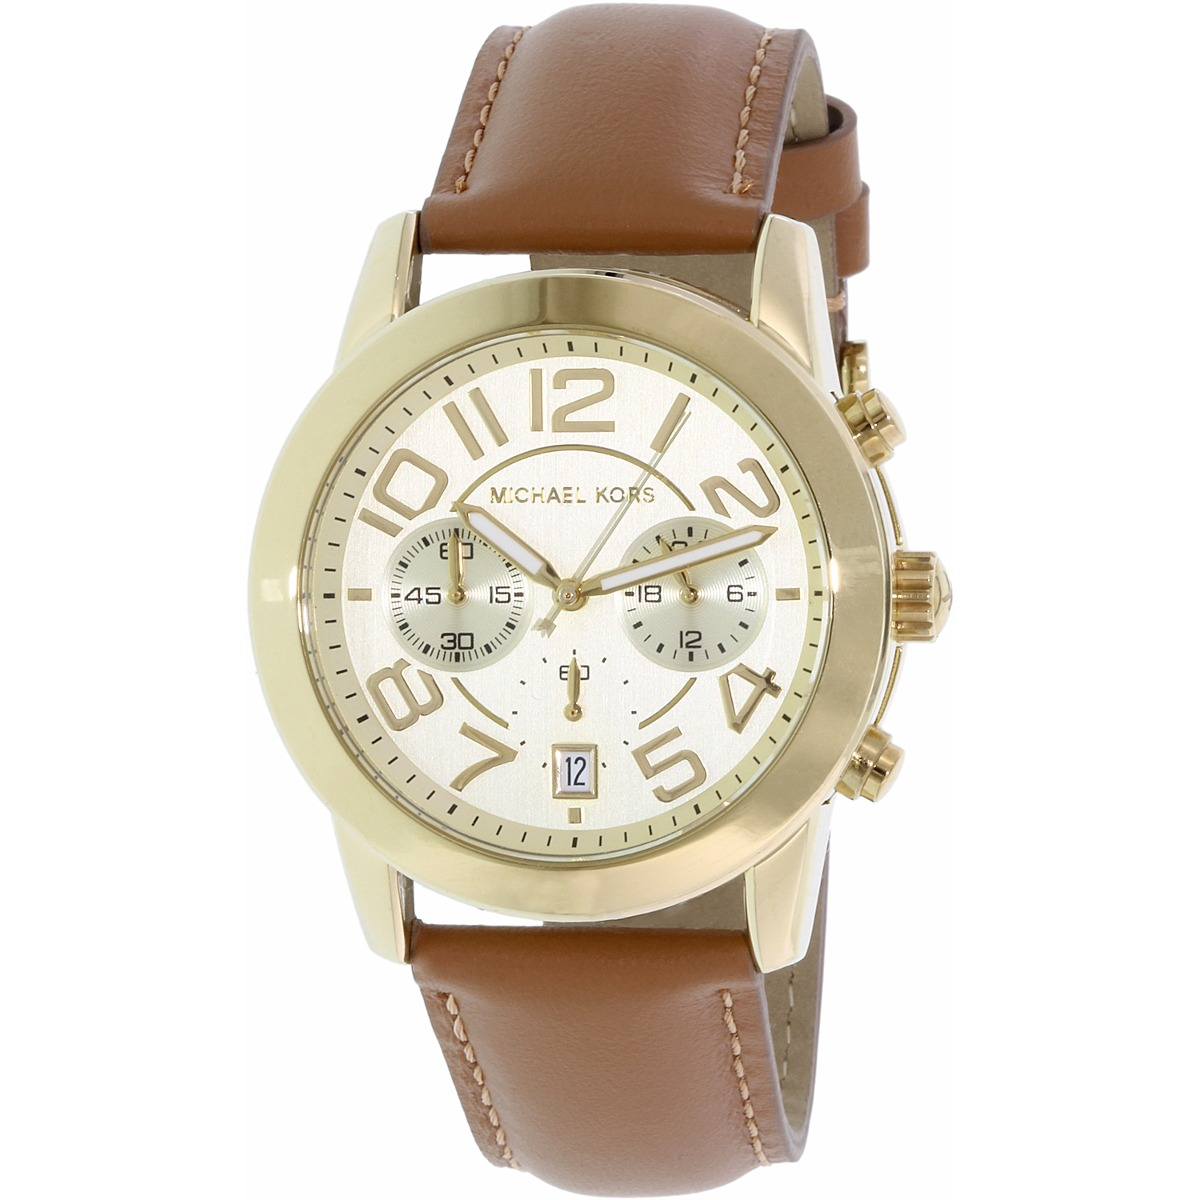 Precio de un reloj michael kors para mujer